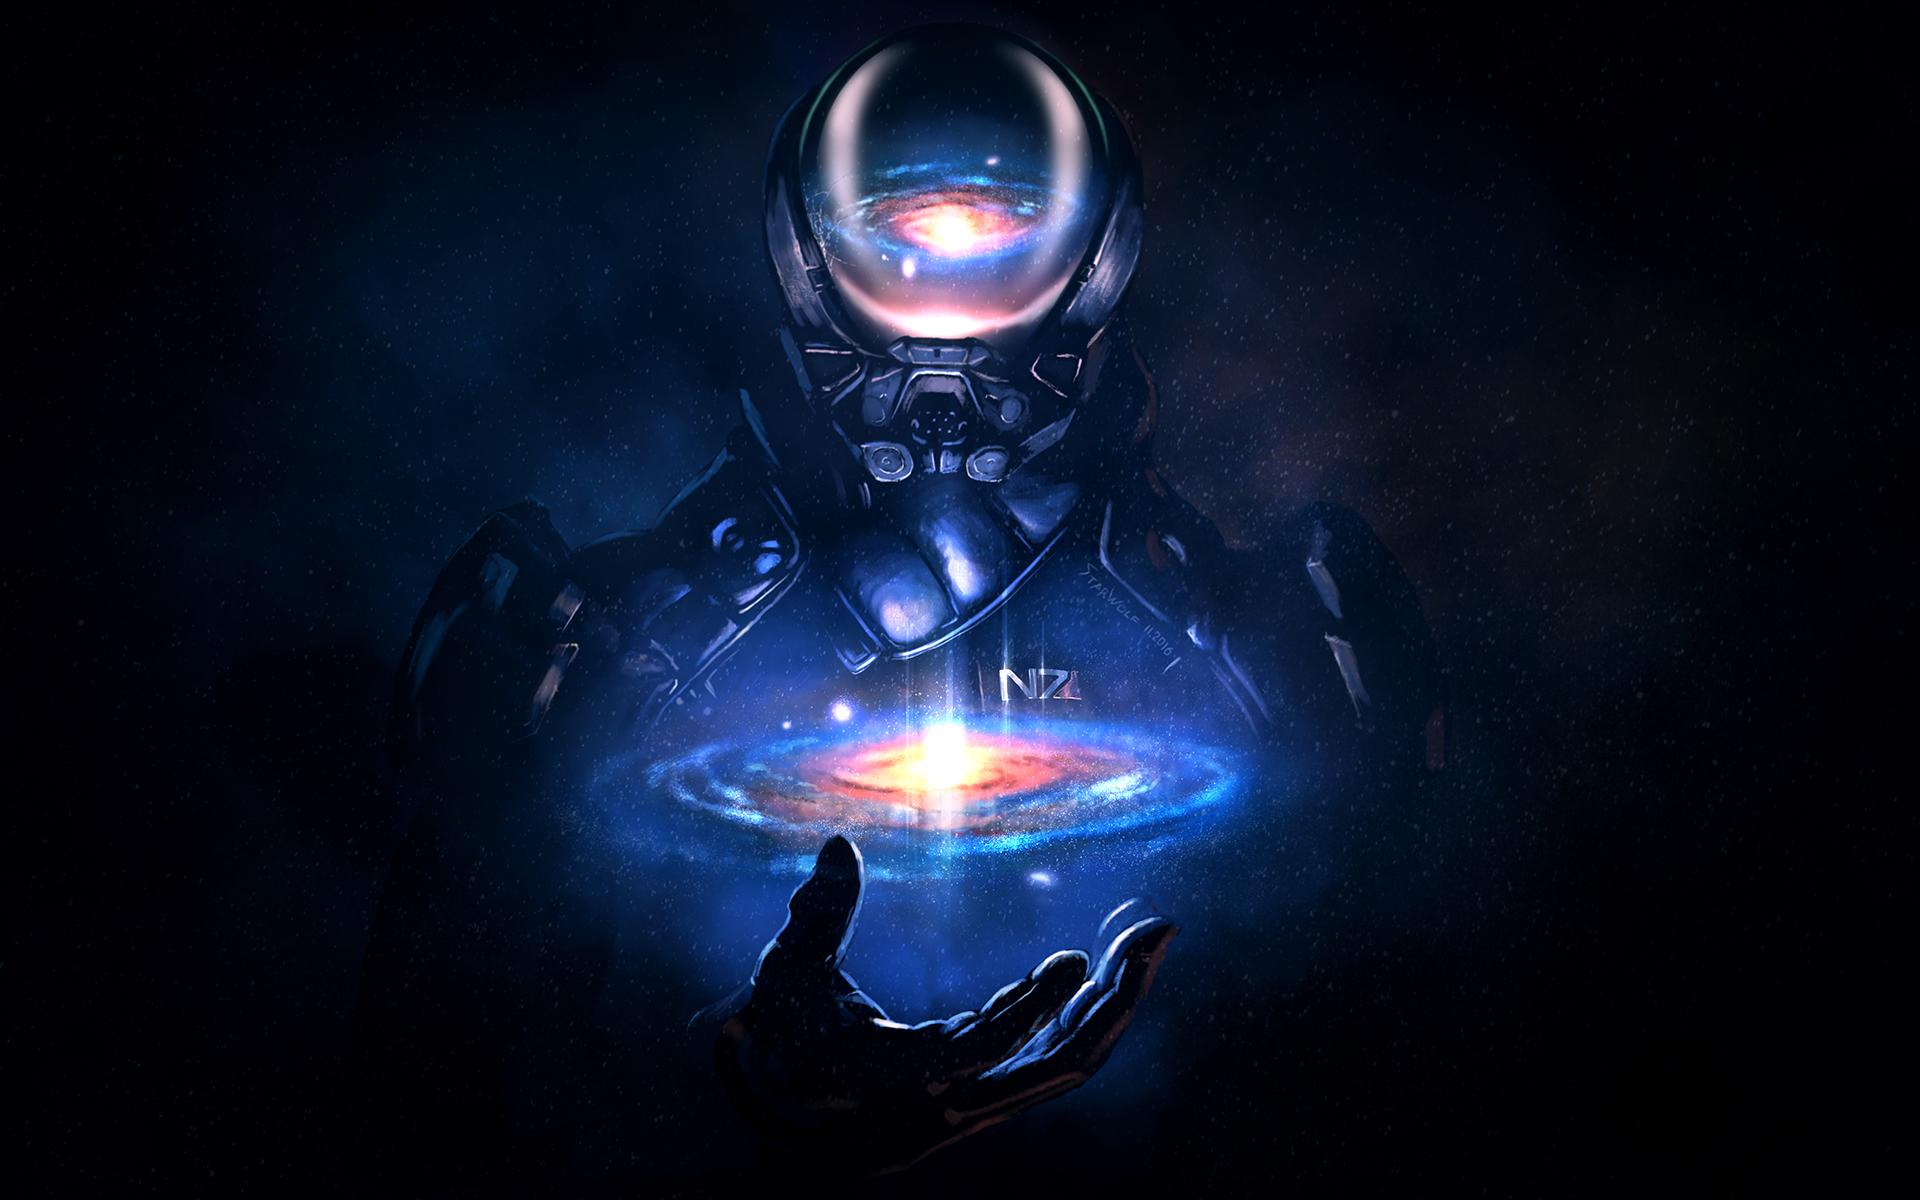 Mass Effect Andromeda Wallpaper Iphone: 1080x1920 Mass Effect Andromeda Artwork Iphone 7,6s,6 Plus